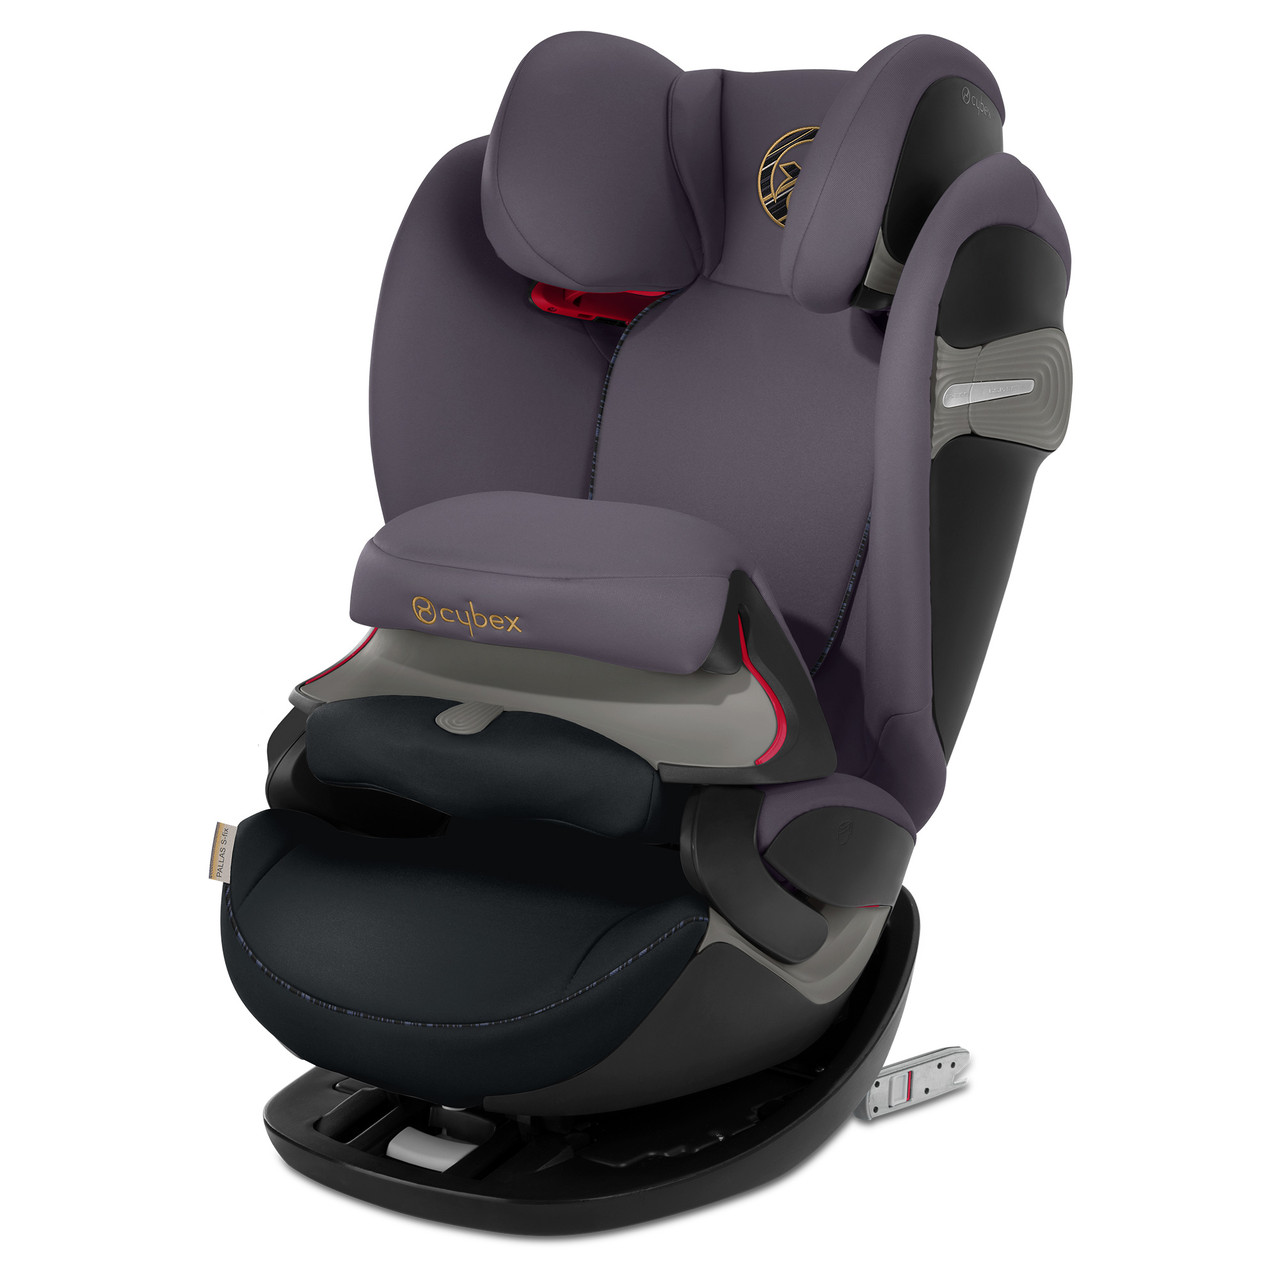 Cybex - Автокресло Pallas S-fix, цвет Premium Black